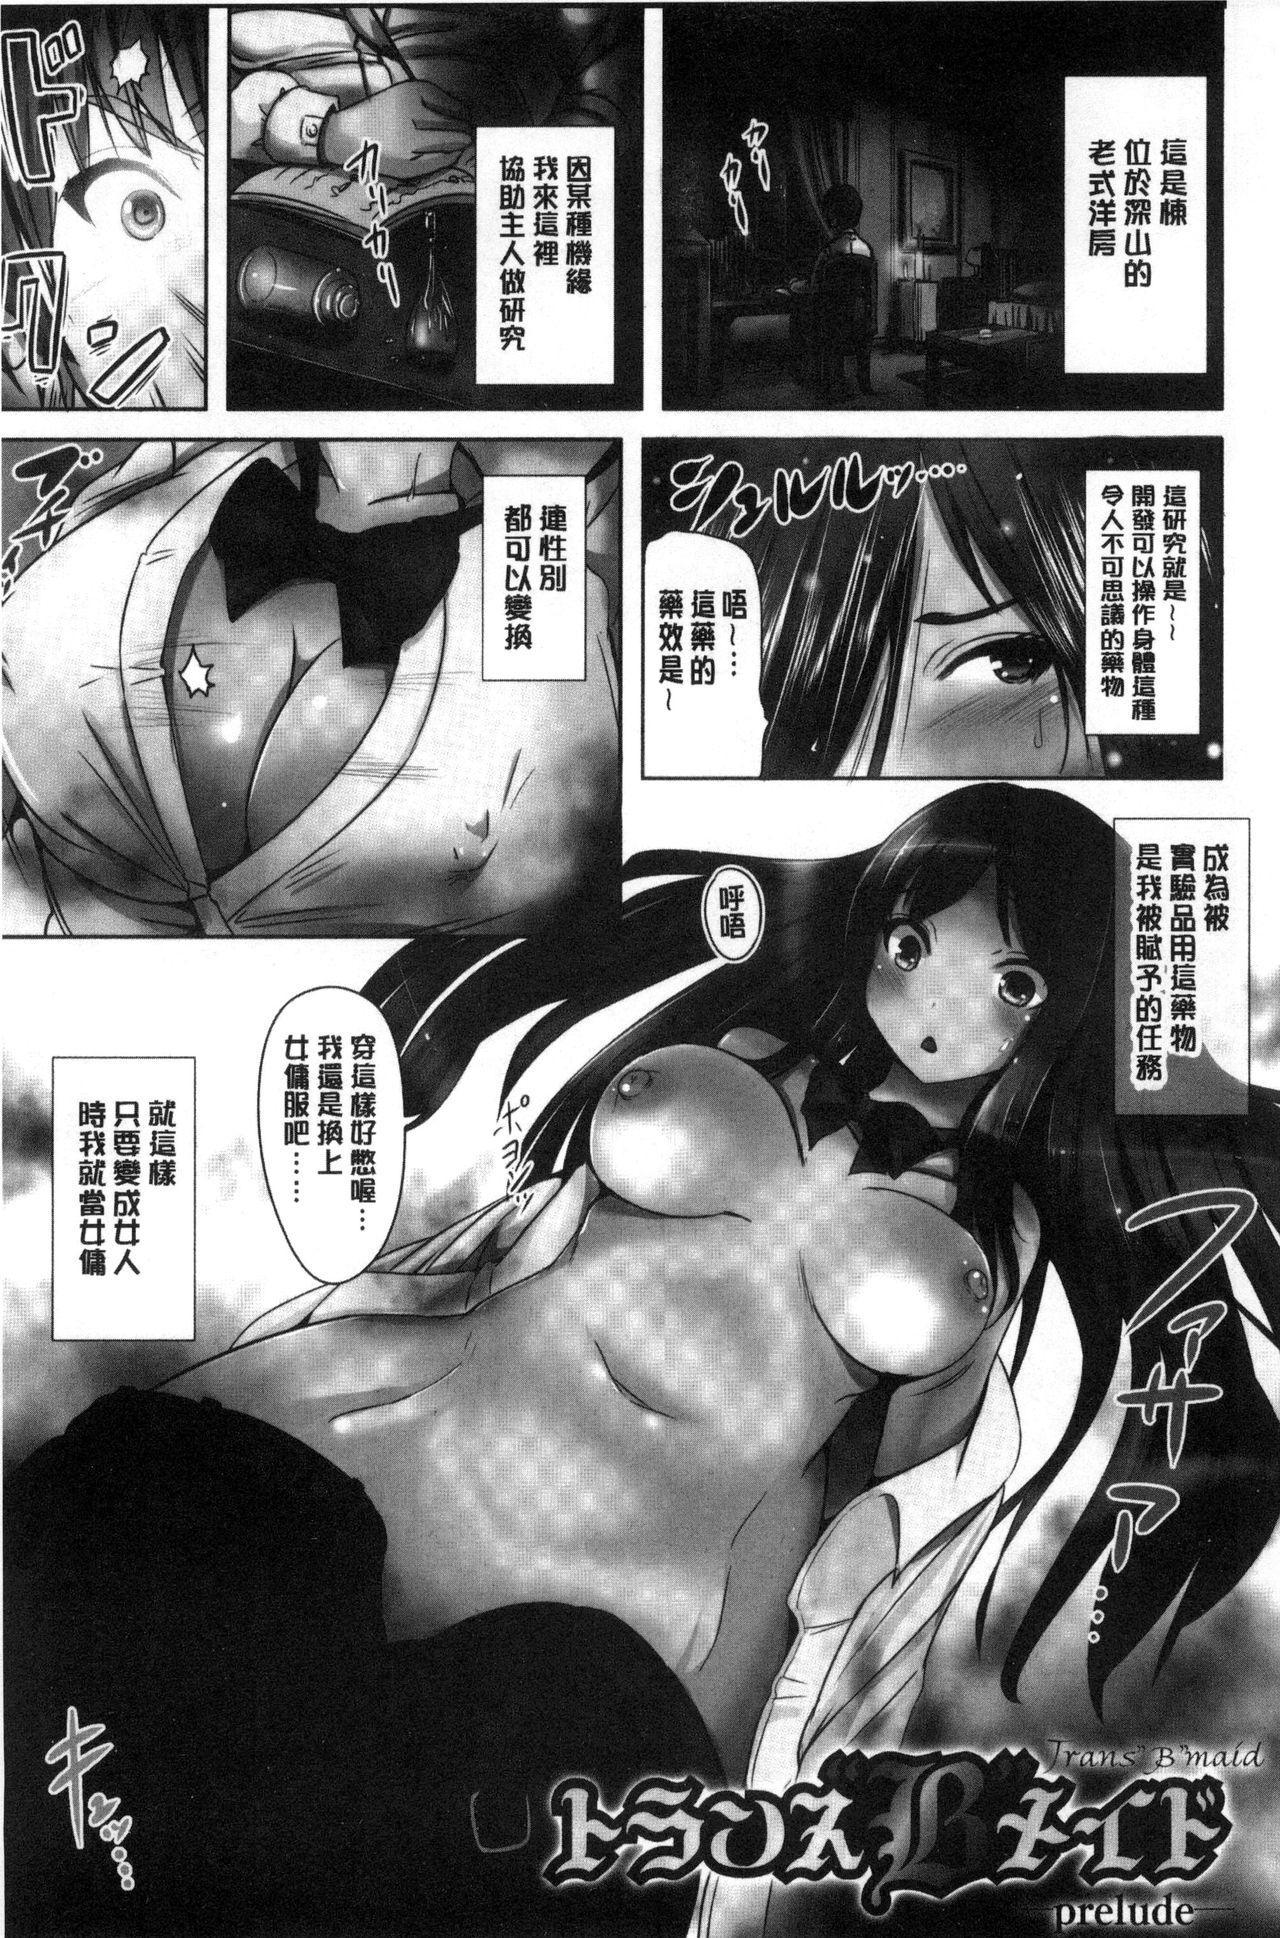 [Marneko] Onnanoko Supple ~Seitenkan Shite Hoken no Jugyou~   女孩子補給品 性轉換之後保健的授業 [Chinese] 174